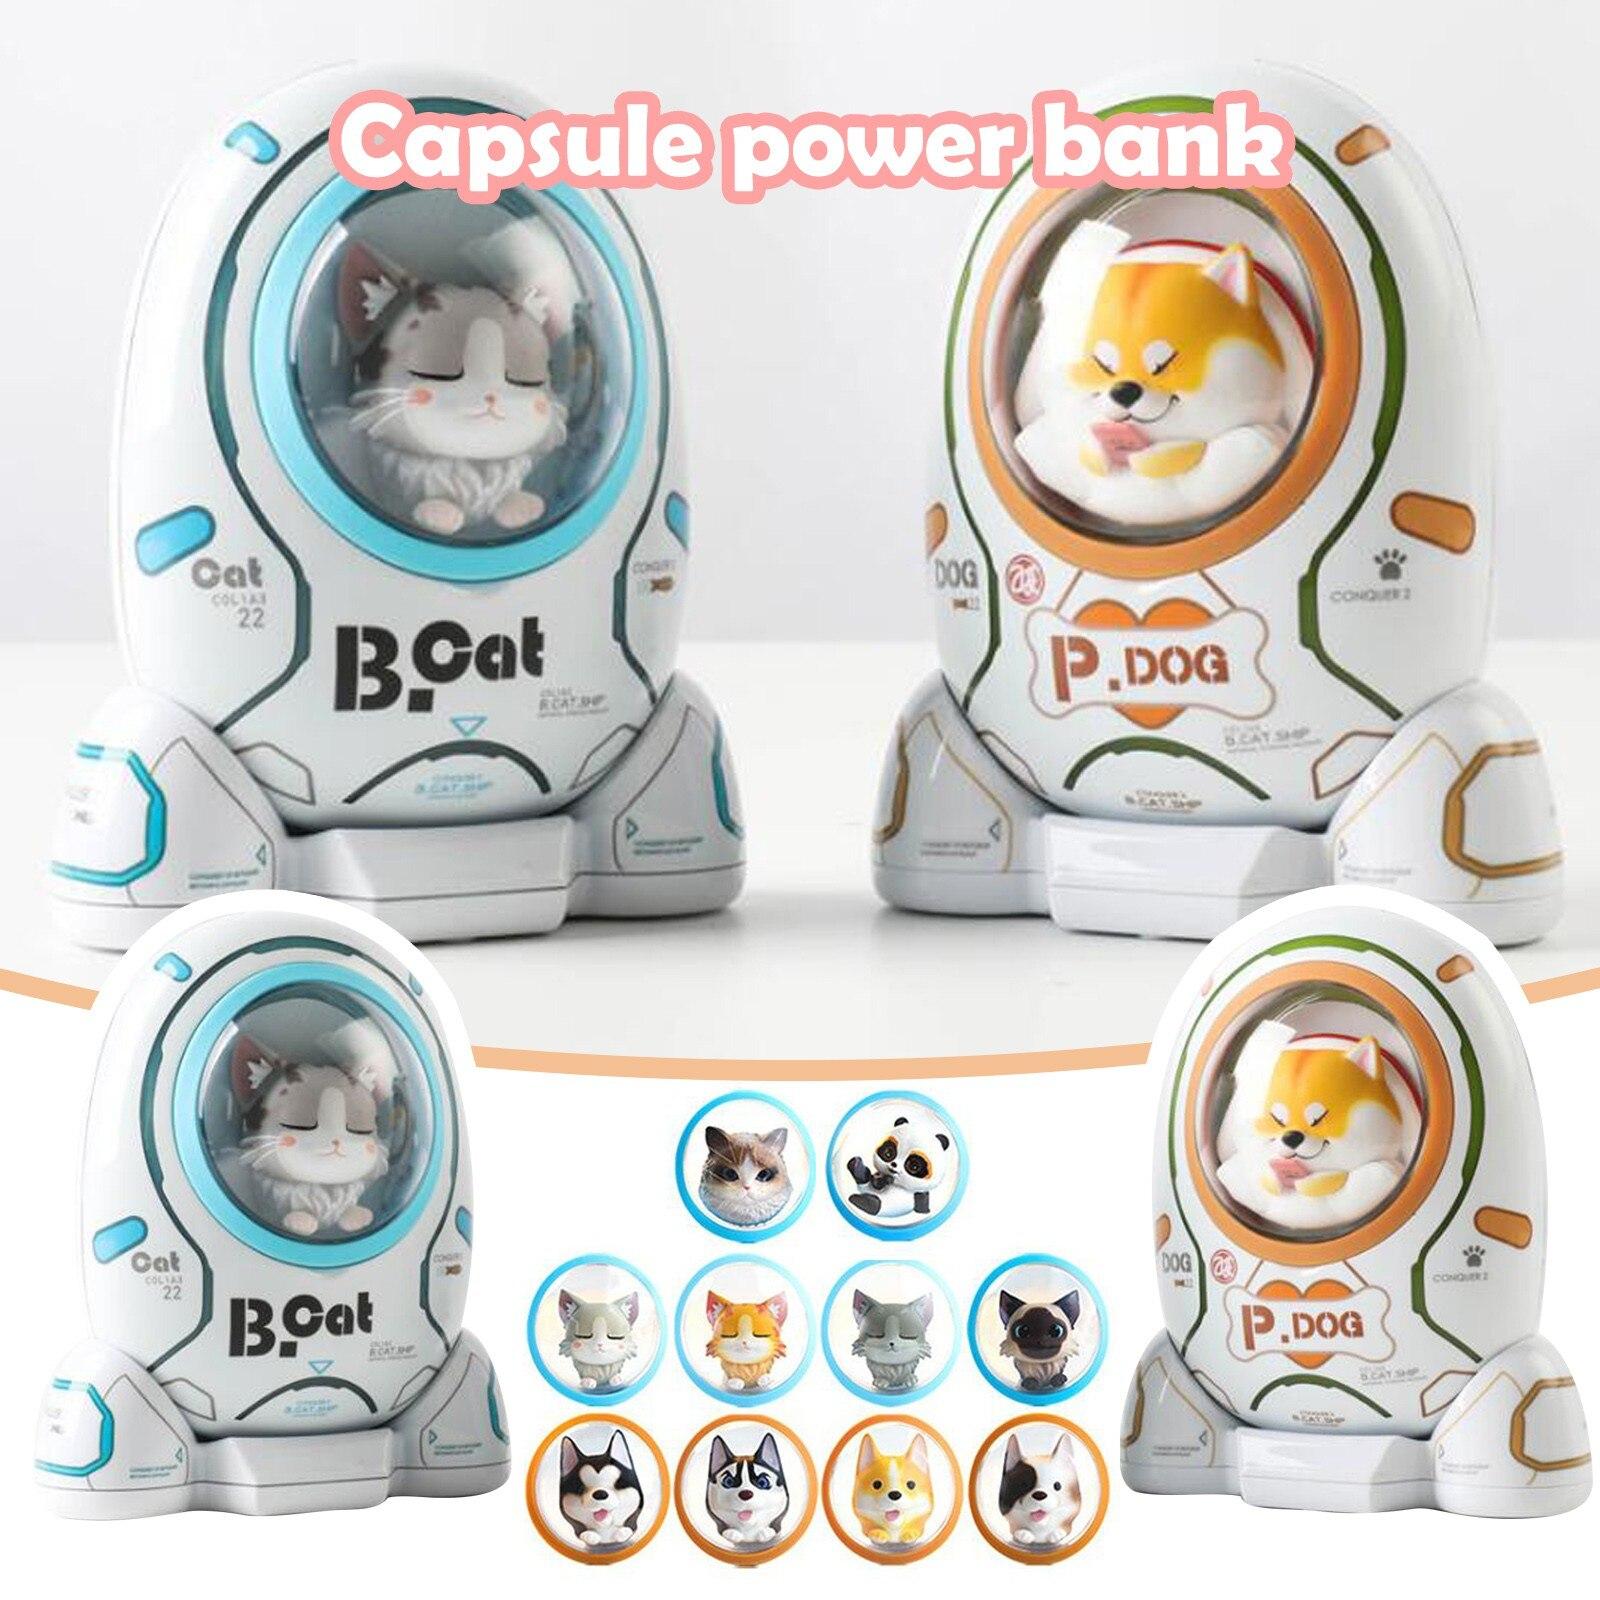 Large-capacity Mobile Phone Mobile Charging Treasure Space Capsule Power Bank Bcat Shiba Lnu Two-dimensional Power Bank enlarge